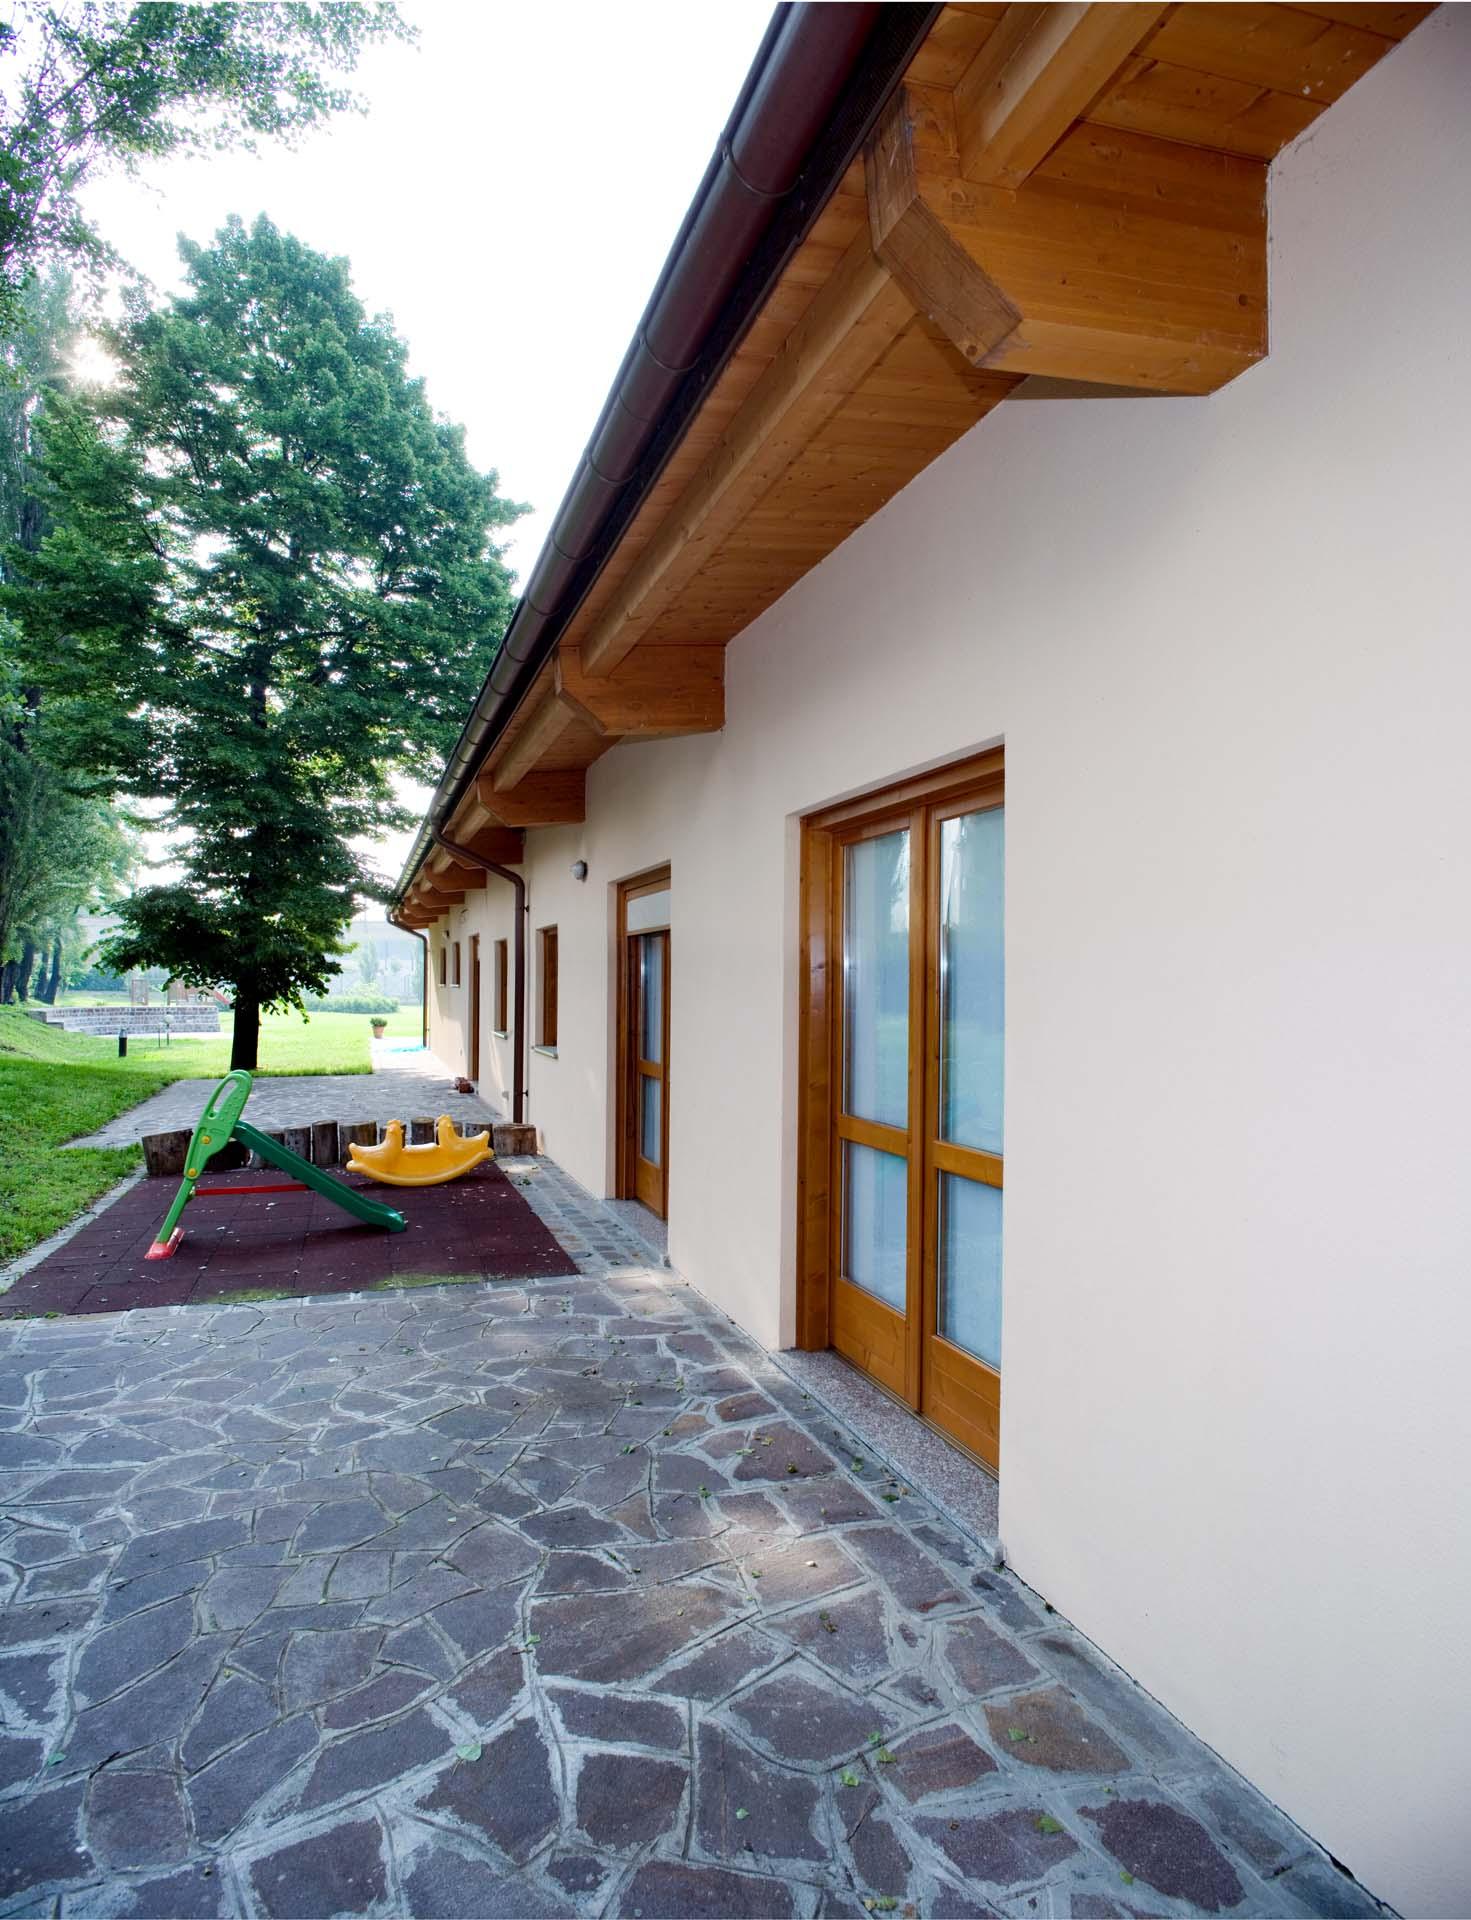 Modelli ille case in legno tecnologia esperienza ed - Casa di montagna ...